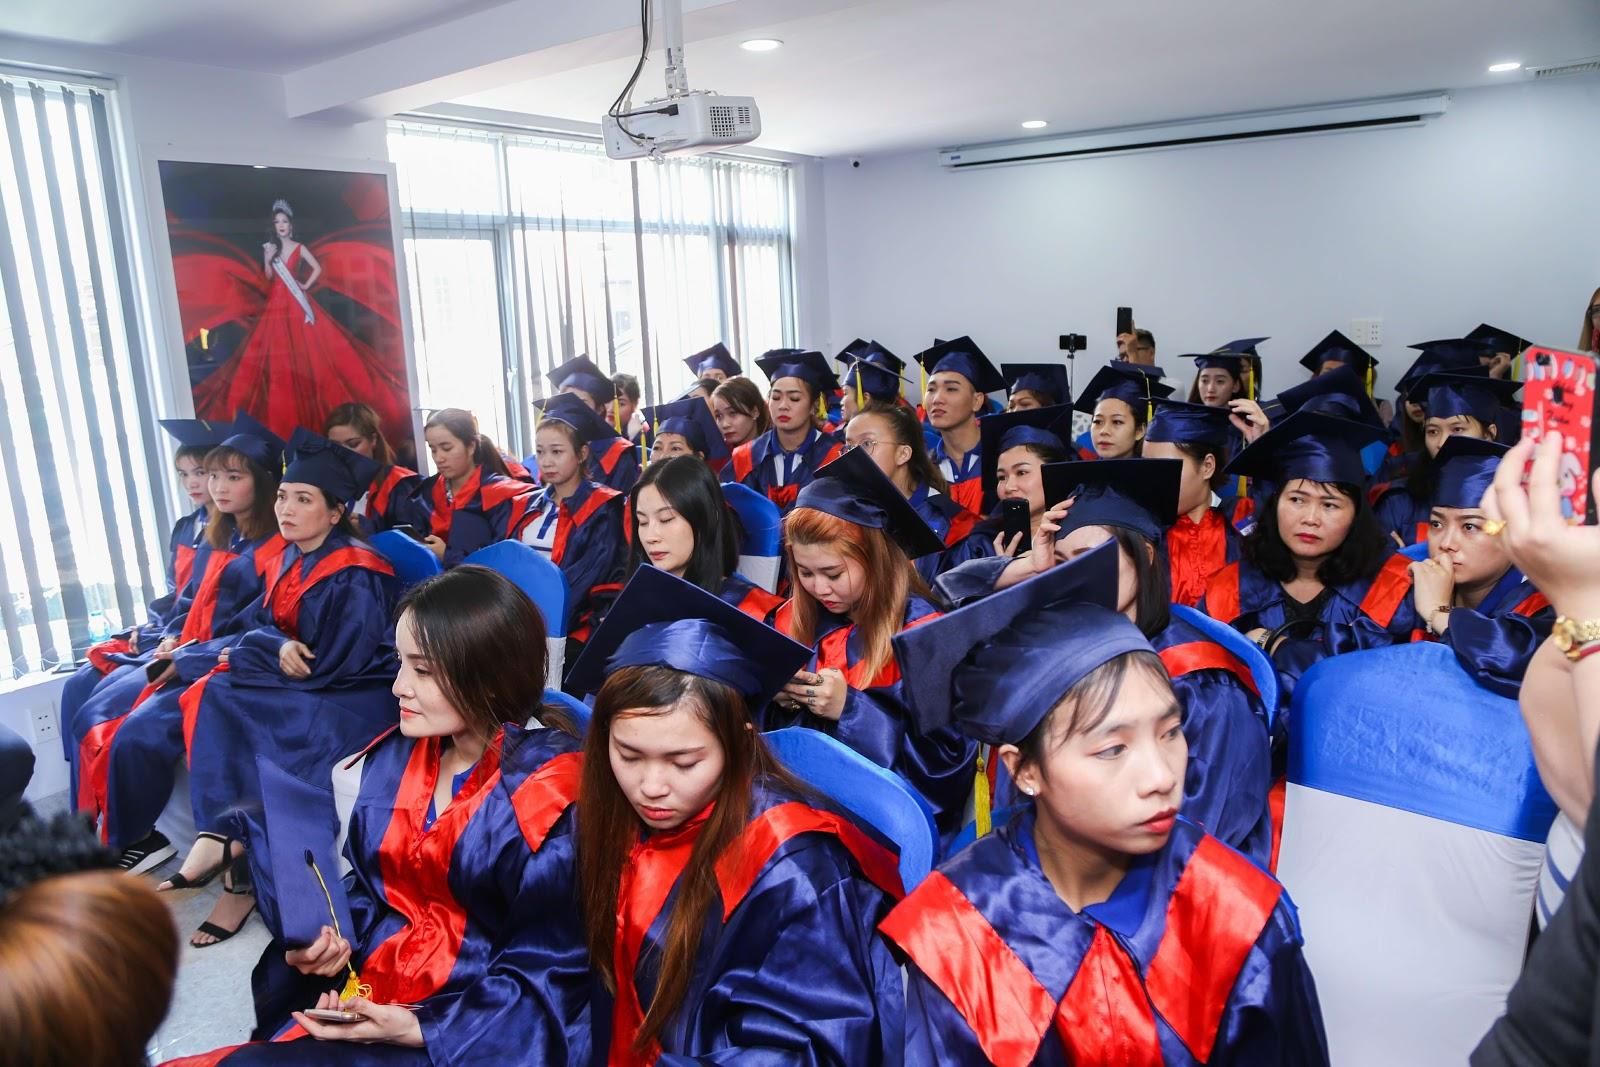 Đông đúc học viên háo hức tham dự buổi Lễ Tốt Nghiệp